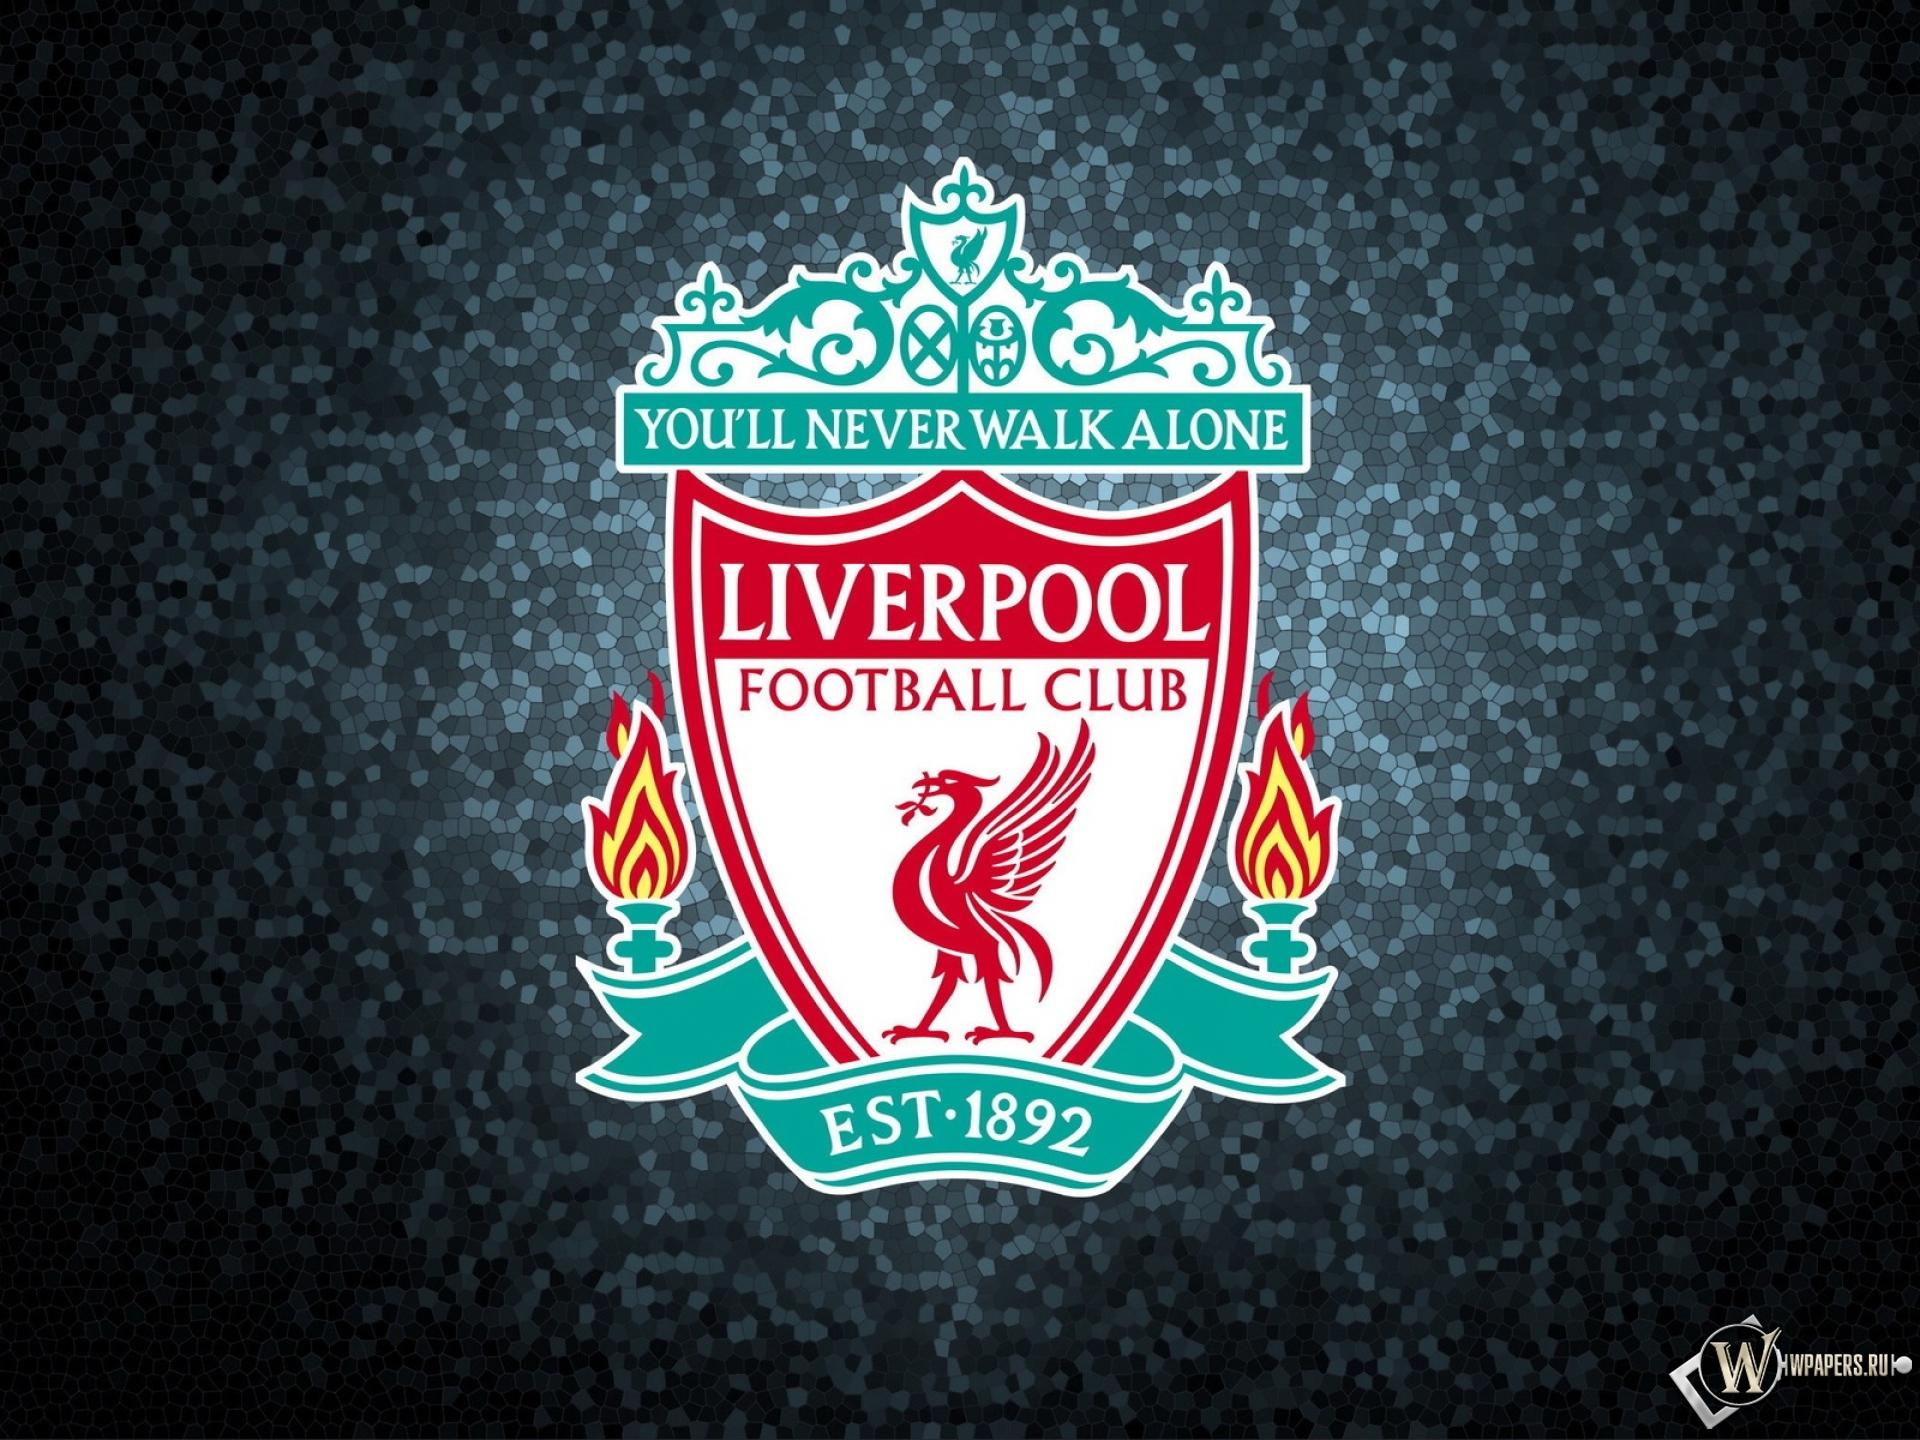 Любовные открытки, картинки эмблемы футбольных клубов